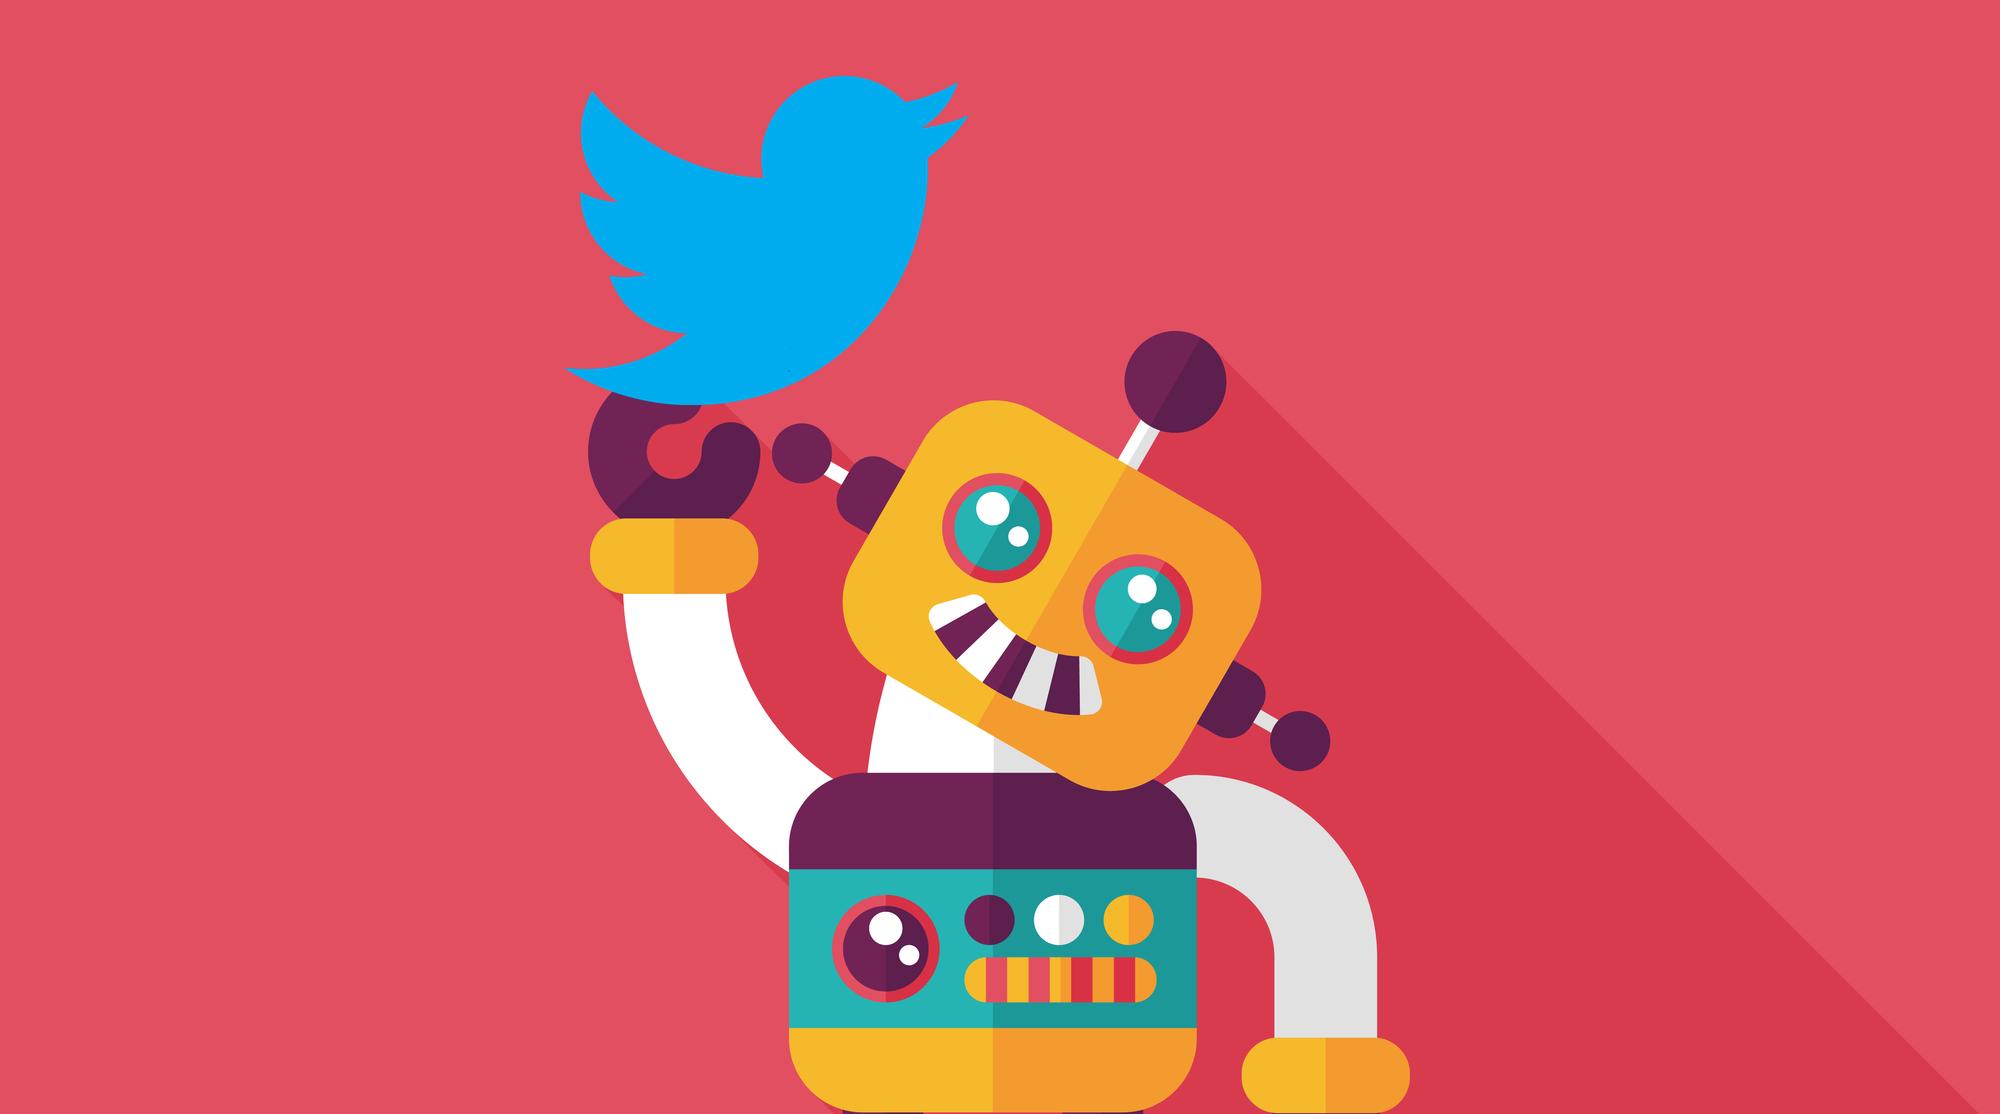 Come essere più popolari su Twitter grazie all'intelligenza artificiale